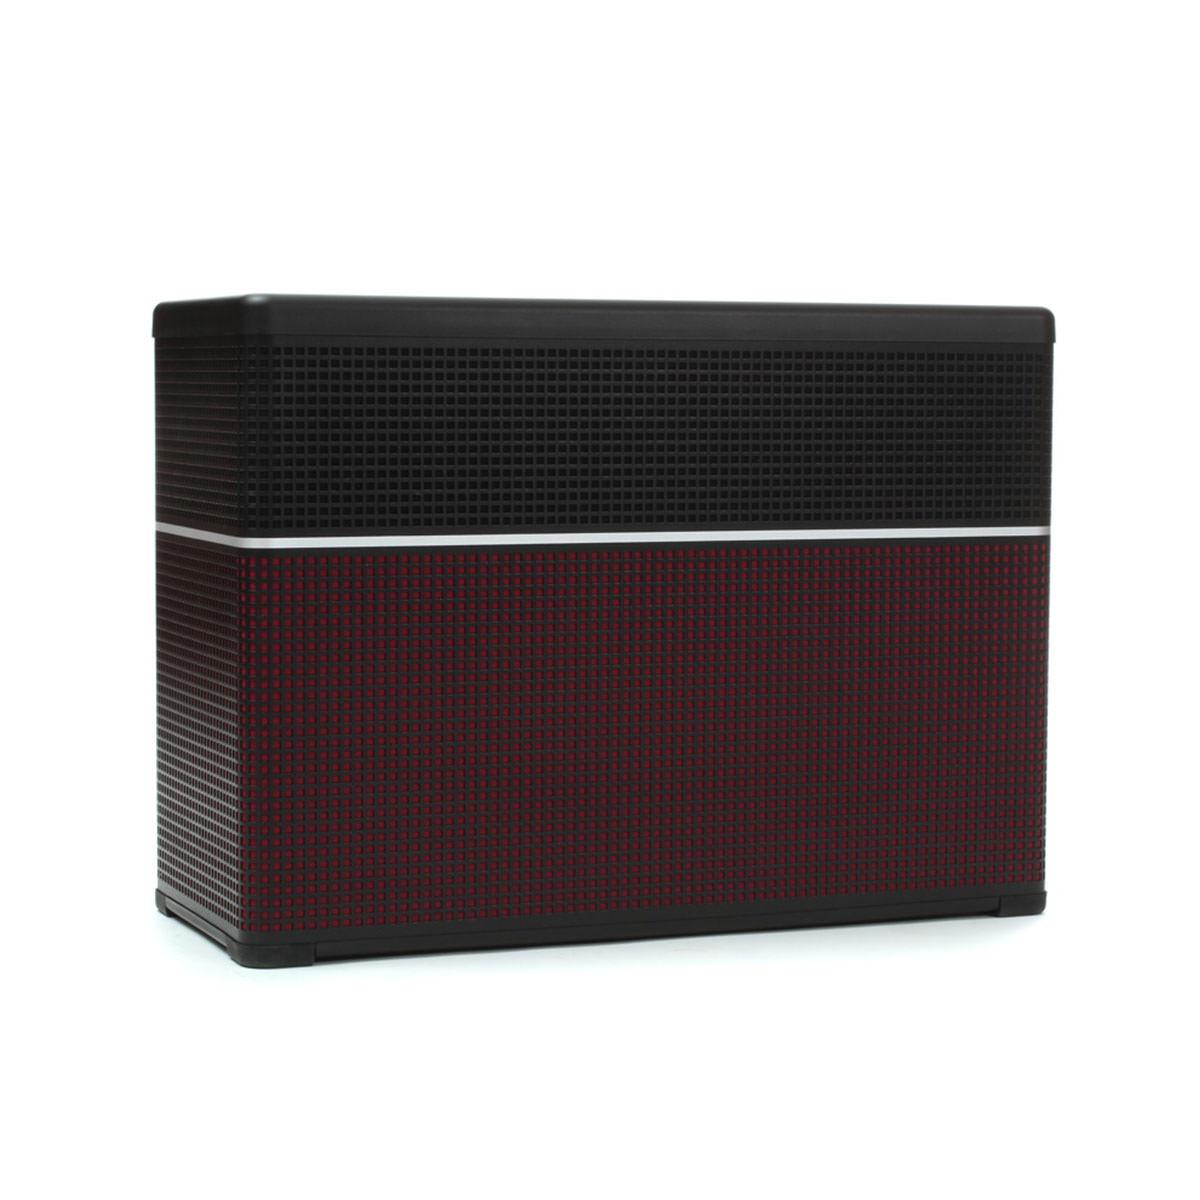 Line 6 AMPLIFi 150 Hybrid - 150W Full Range Stereo Combo